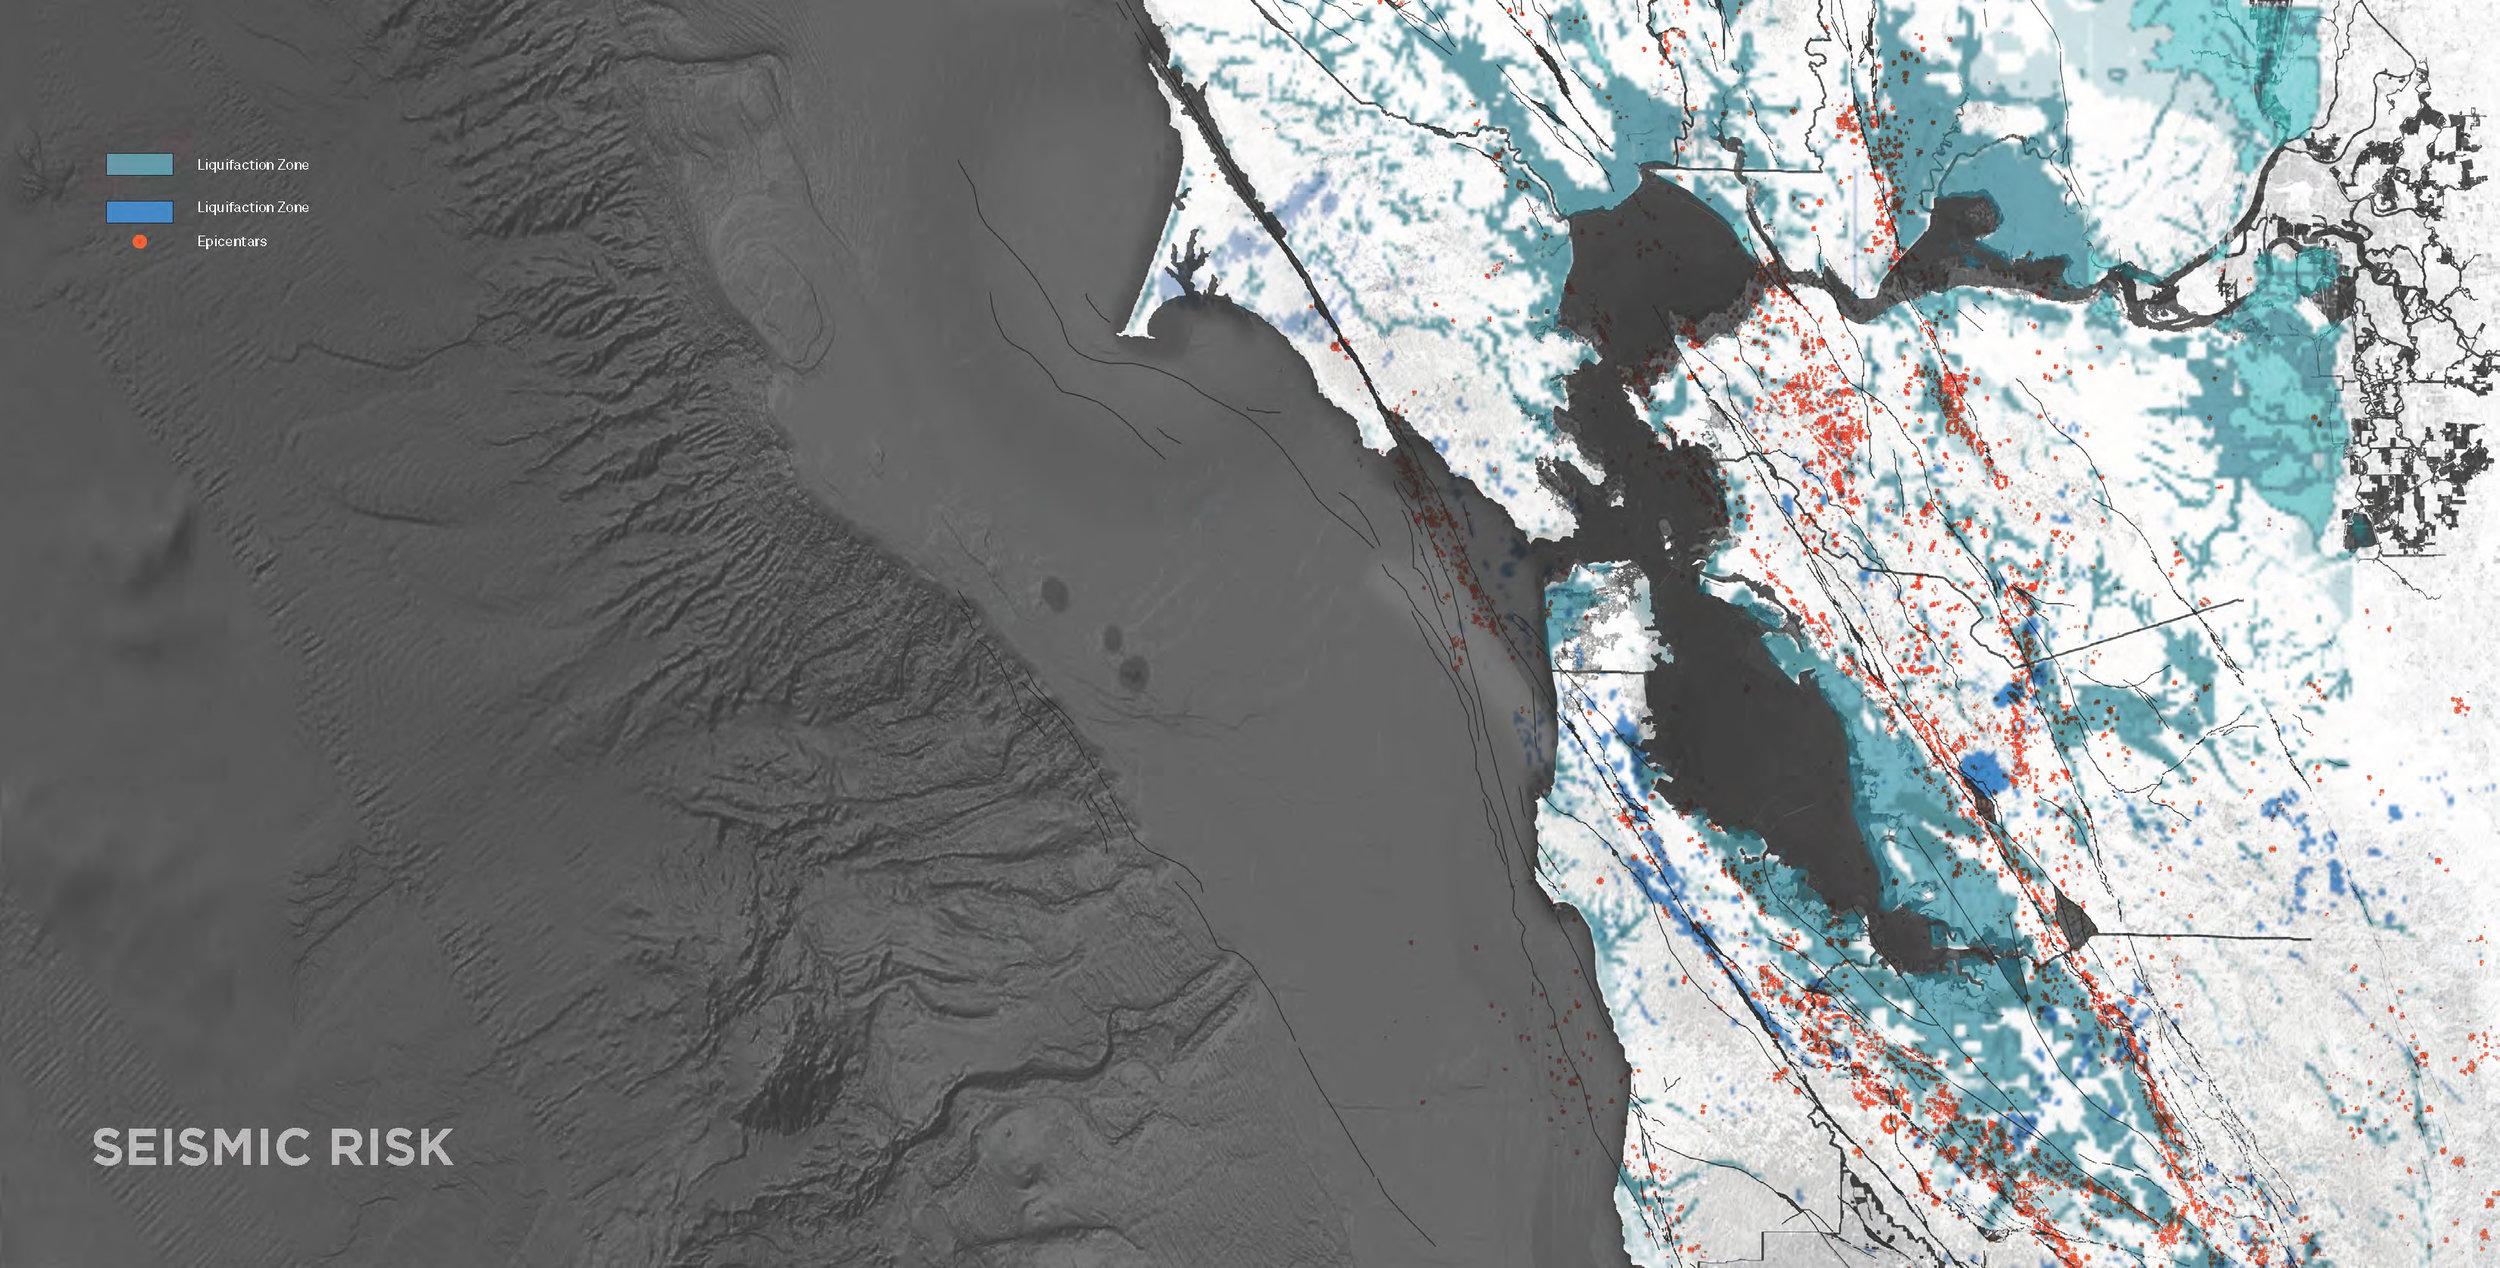 Earthquake risk mapping of bay area - SunMin Hwang, Fei Hong, Mingxi Zou